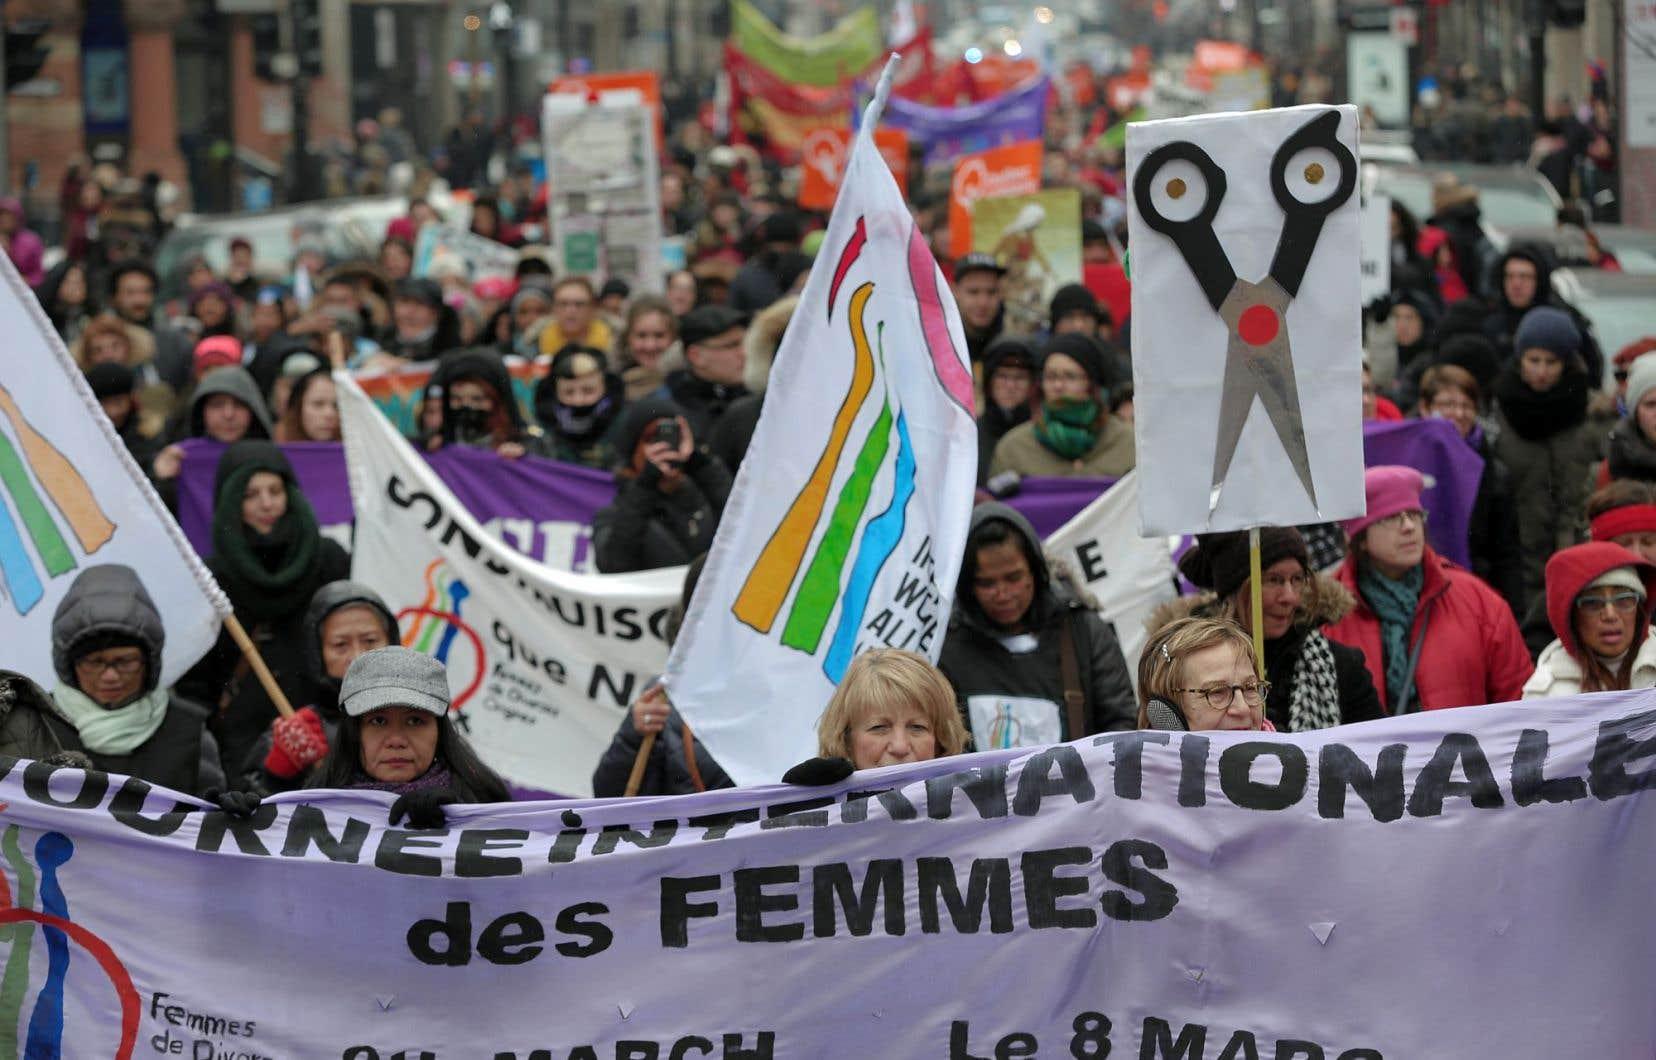 Plus de 1000 personnes, en grande majorité des femmes, étaient réunies à la marche montréalaise soulignant la Journée internationale des femmes.<br />